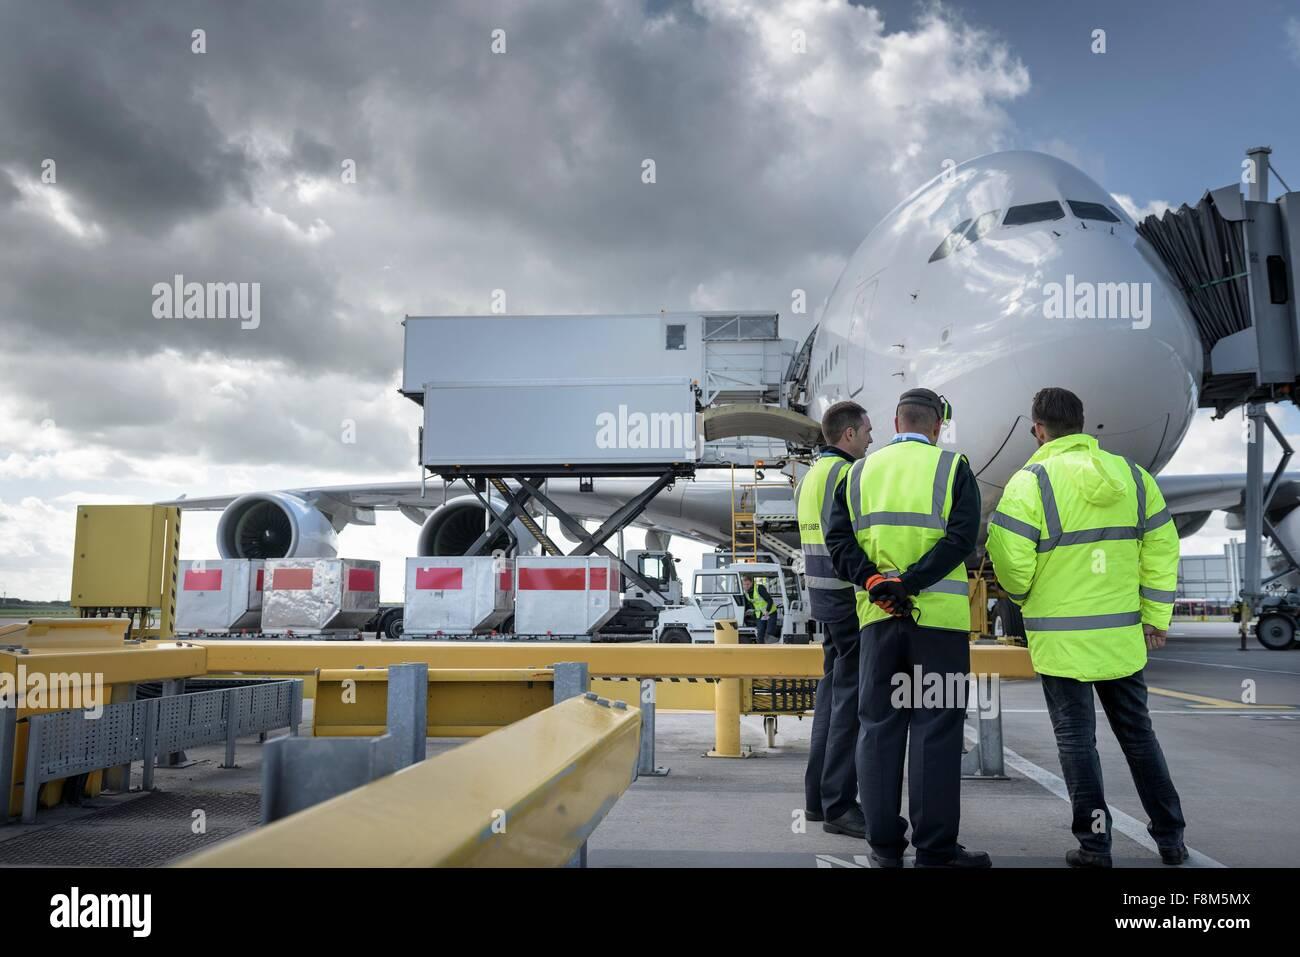 Ground Crew inspección de aviones A380 en el stand en el aeropuerto Imagen De Stock